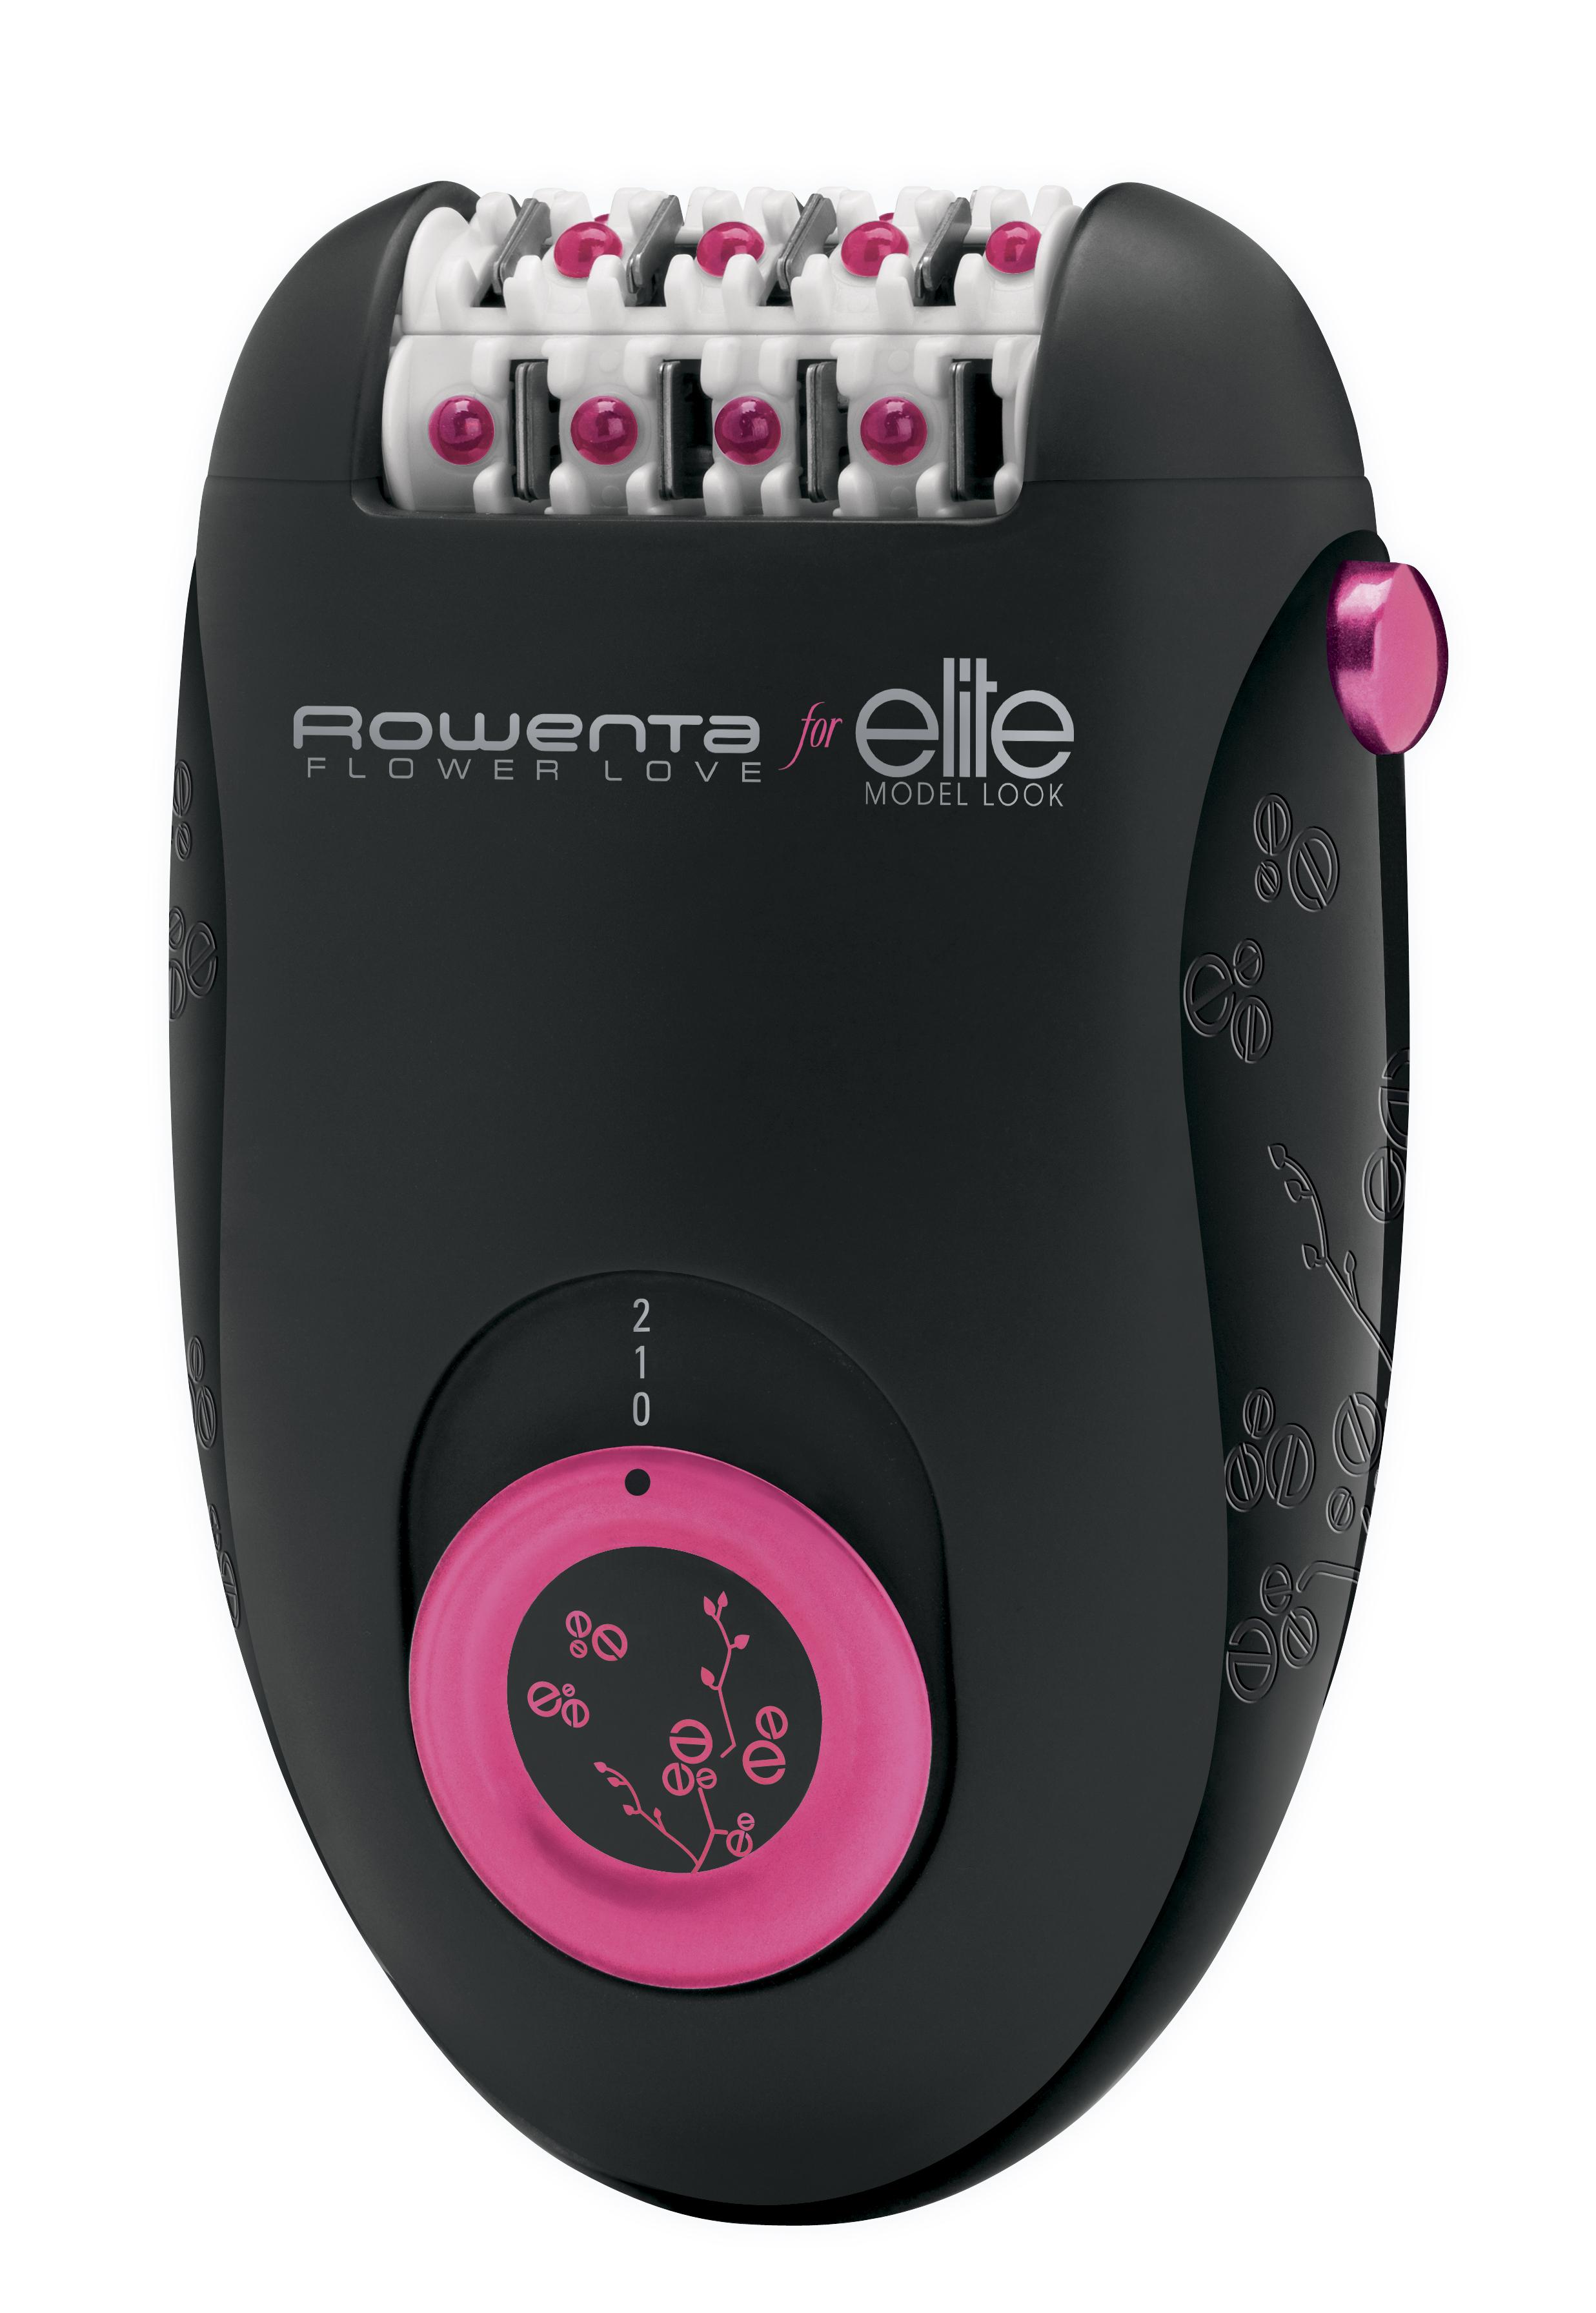 Rowenta EP2832F0, Black Pink эпиляторEP2832Эпилятор Rowenta EP2832F0 - позволит просто и эффективно избавиться от нежелательных волосков на теле и подарит вам идеально гладкую кожу. Модель имеет 24 пинцета, 2 режима скорости и две насадки. Специальные массажные шарики обеспечивают систему обезболивания. Удобная и компактная модель работает от сети 220В.